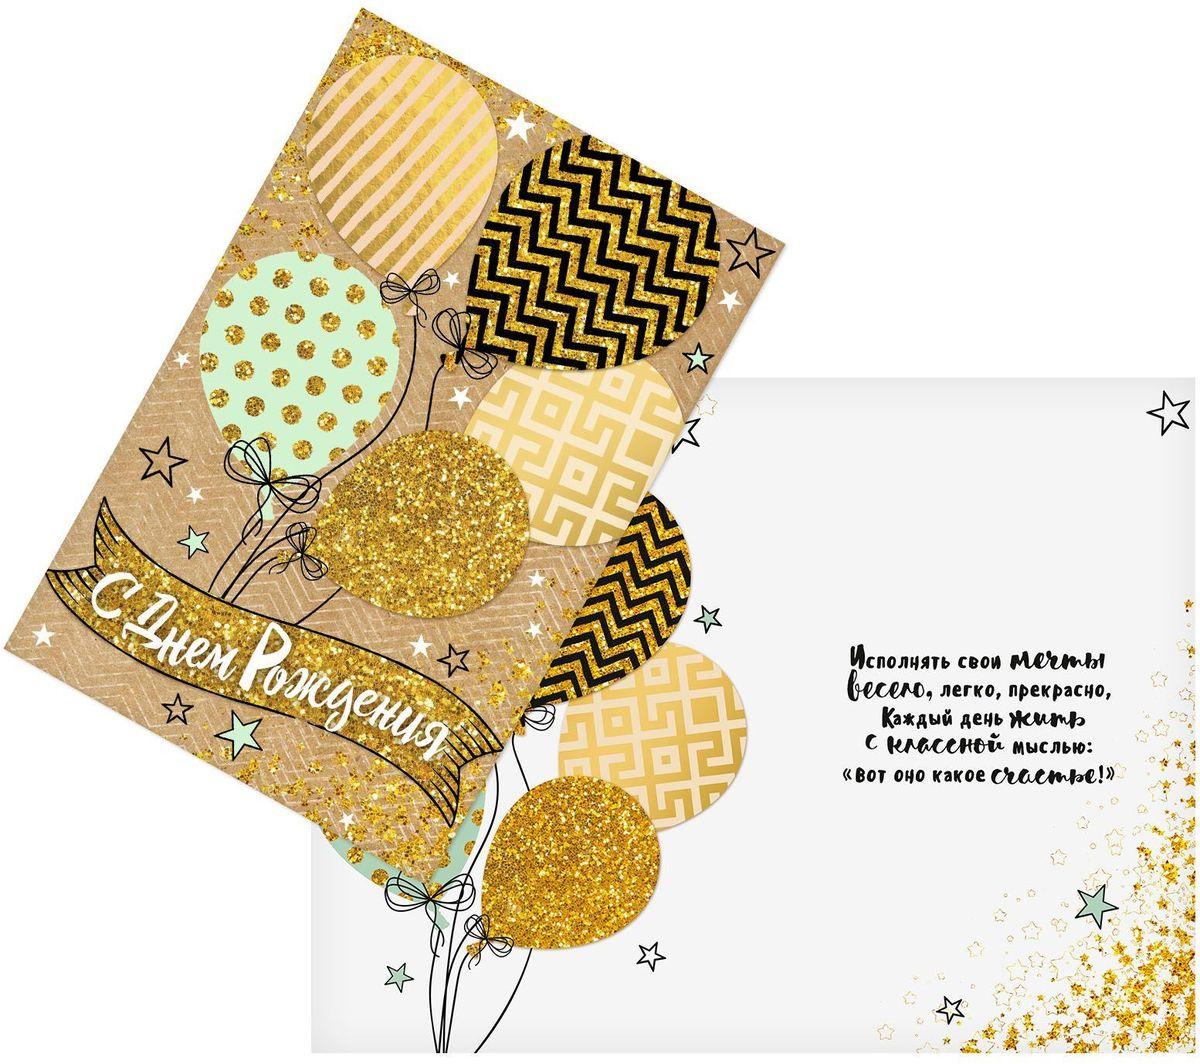 Открытка Дарите cчастье Золотые шары, 12 х 18 см1606780Атмосферу праздника создают детали: свечи, цветы, бокалы, воздушные шары и поздравительные открытки — яркие и весёлые, романтичные и нежные, милые и трогательные. Расскажите о своих чувствах дорогому для вас человеку, поделитесь радостью с близкими и друзьями. Открытка с креативным дизайном вам в этом поможет.